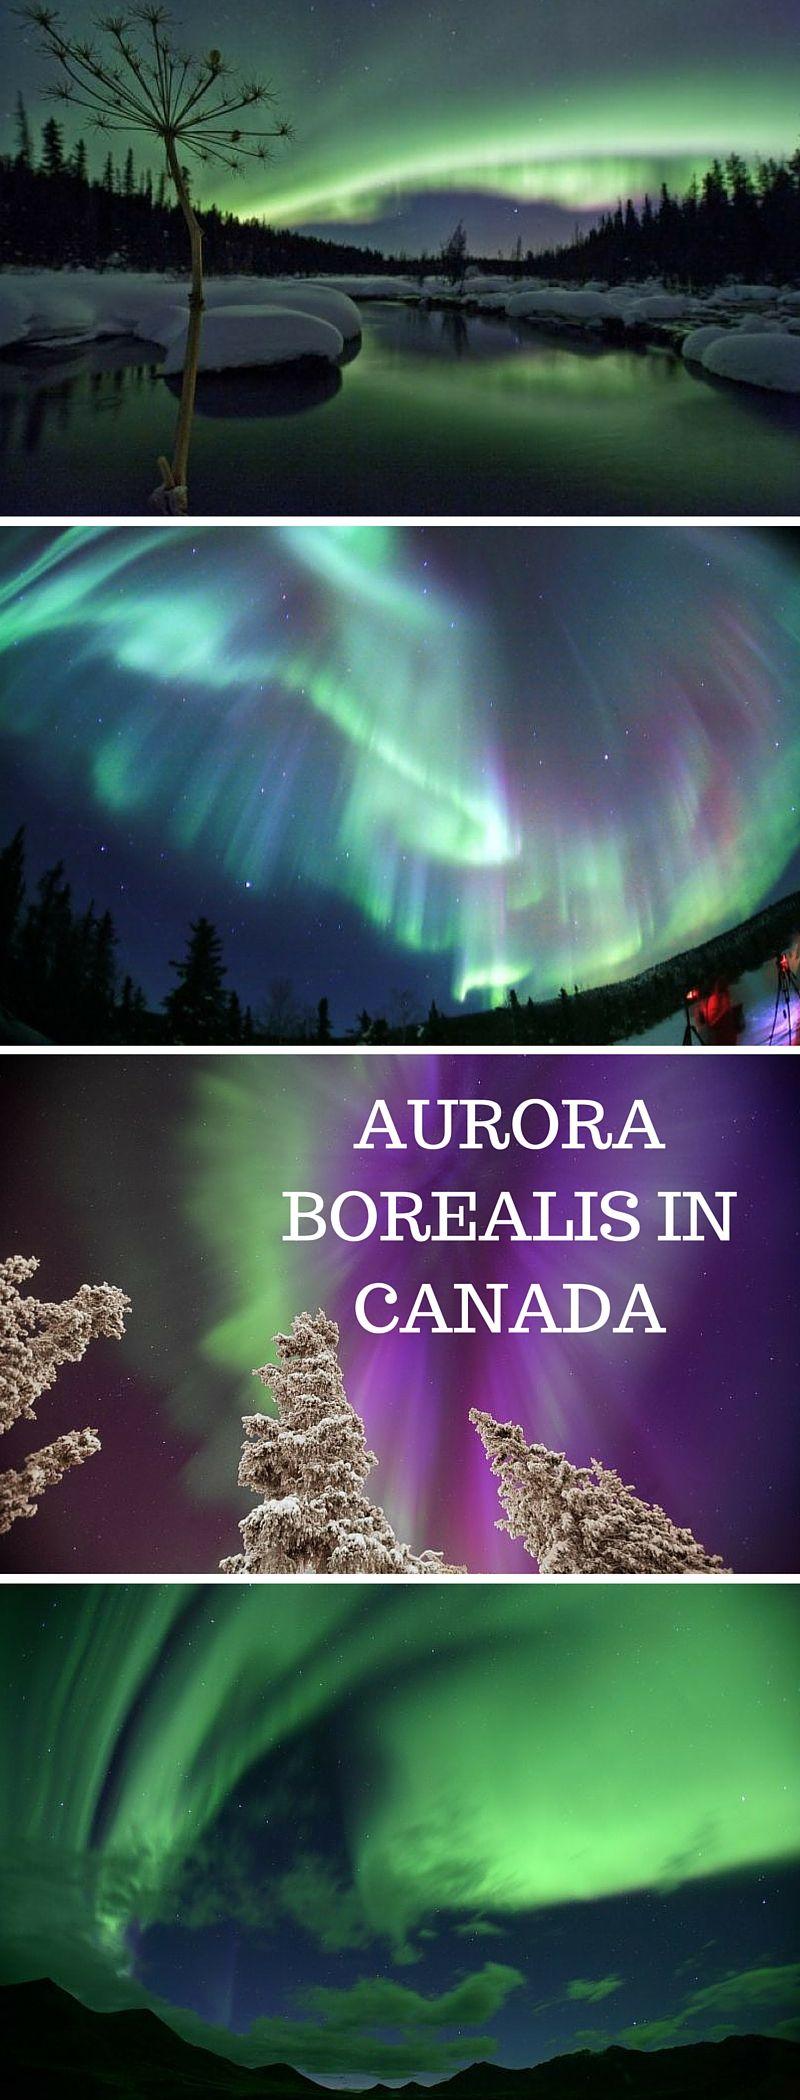 Aurora Borealis in Canada | Cosmos- The Universe ...